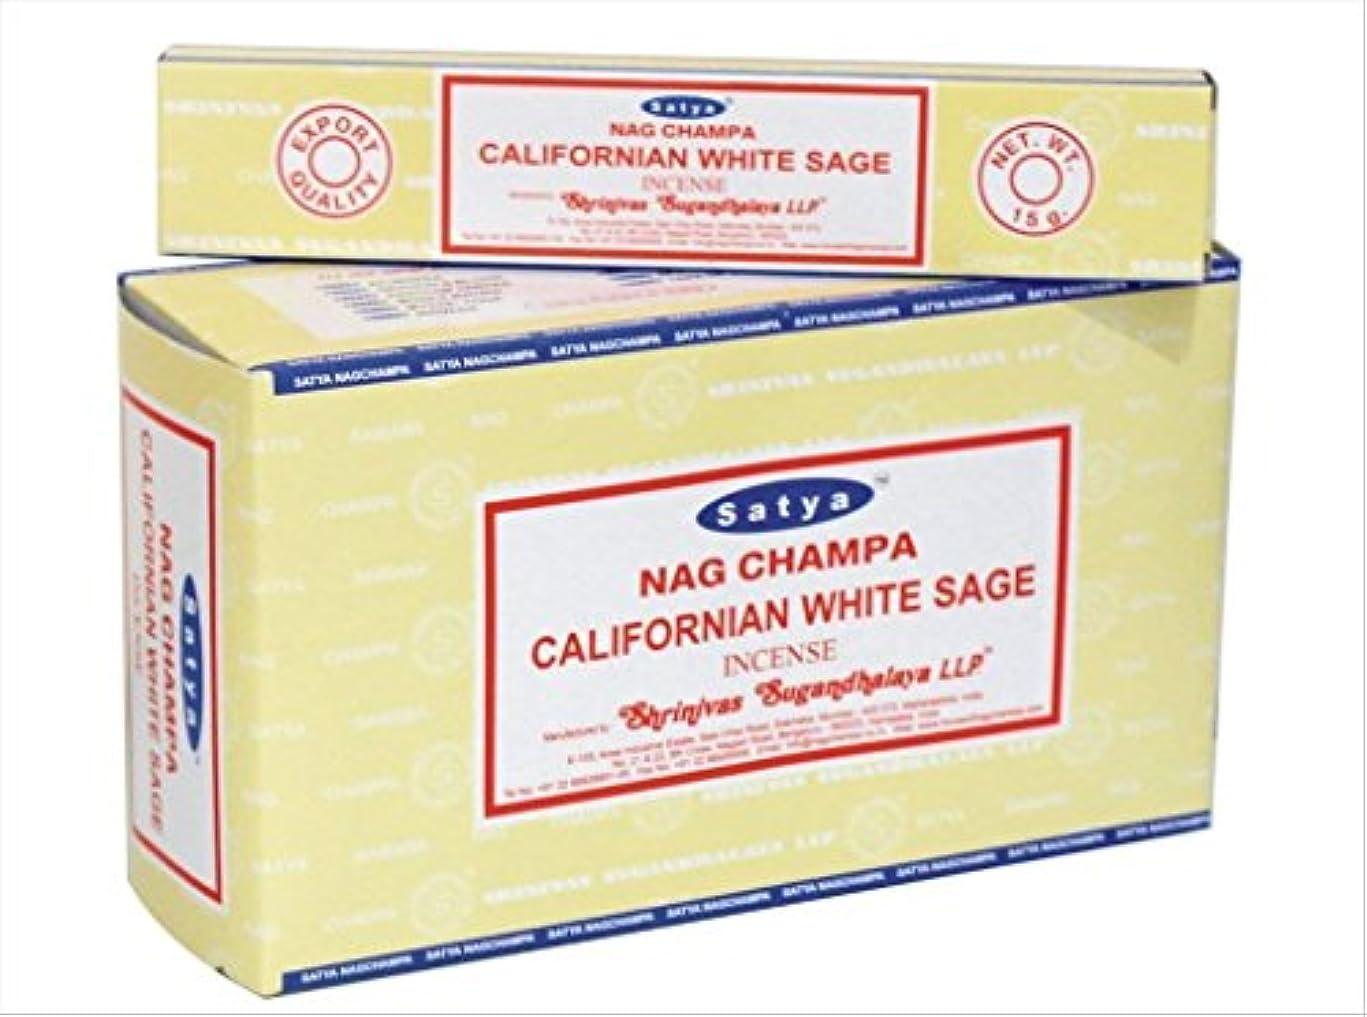 法王誓いプロットchi-city Mall Satya Nag Champa Californianホワイトセージお香 署名Fragrance   Net Wt : 15 g x 12ボックス= 180 g   Exclusivelyインド...